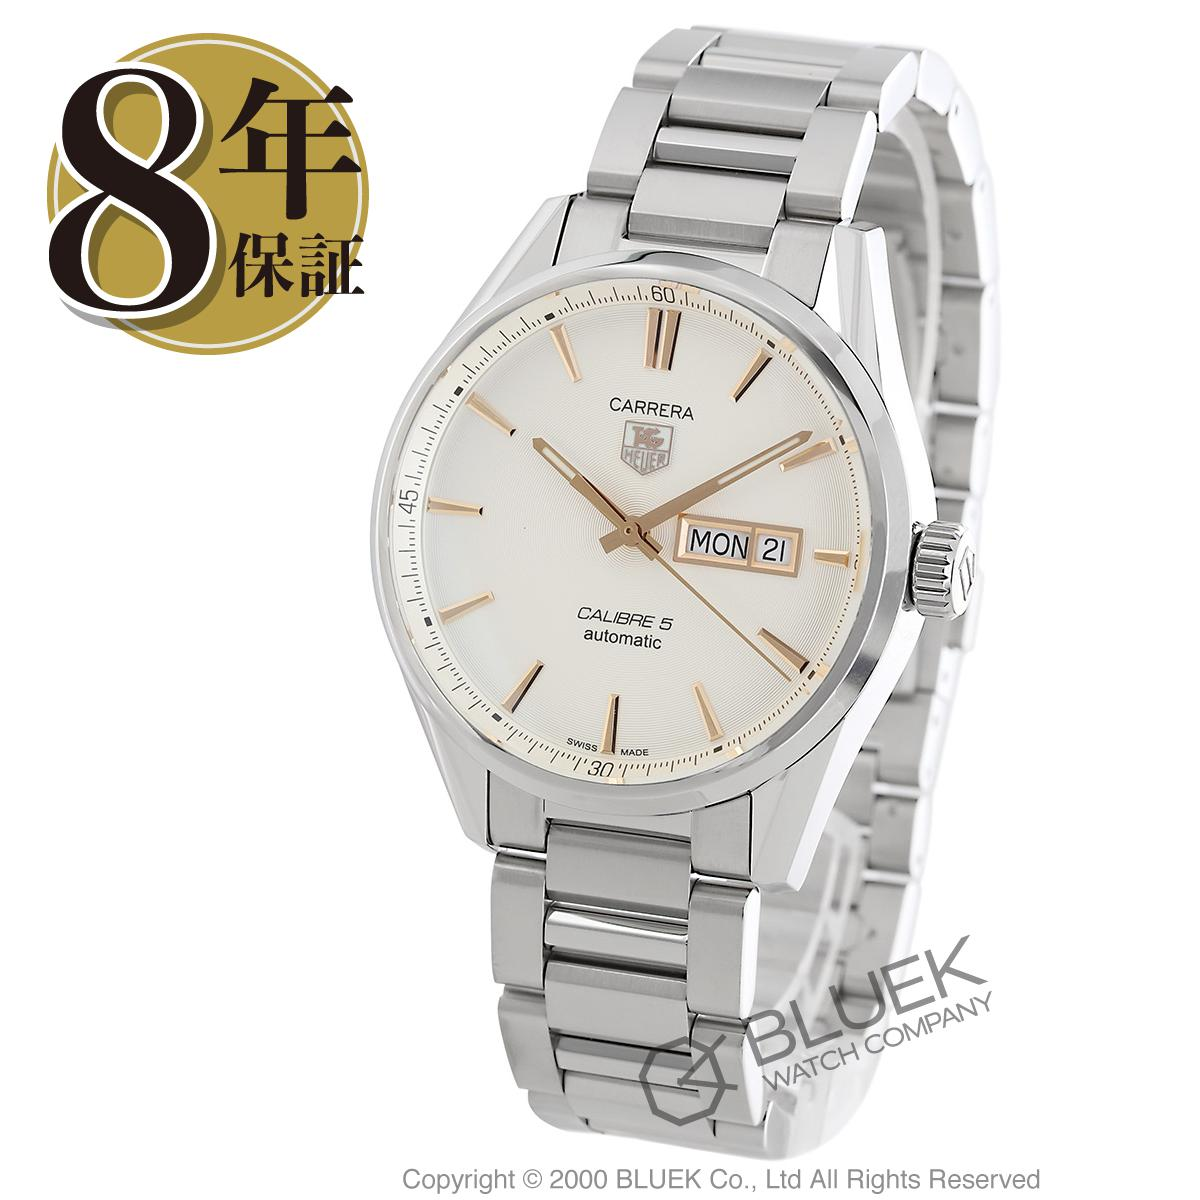 【6,000円OFFクーポン対象】タグホイヤー カレラ 腕時計 メンズ TAG Heuer WAR201D.BA0723_8